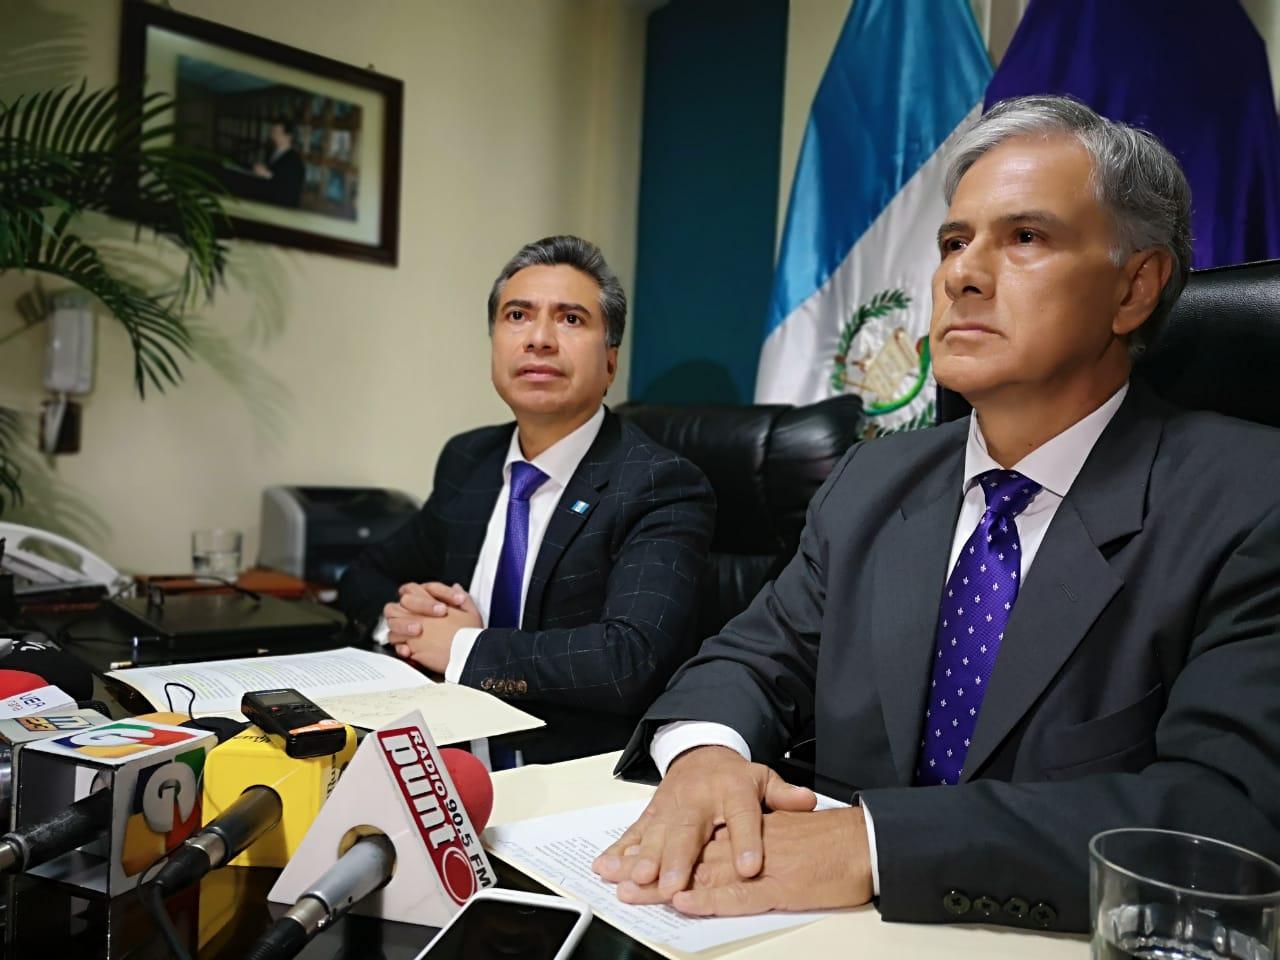 El binomio presidencial de Todos, Fredy Cabrera y Ricardo Sagastume, en conferencia de prensa. (Foto Prensa Libre: La Red)